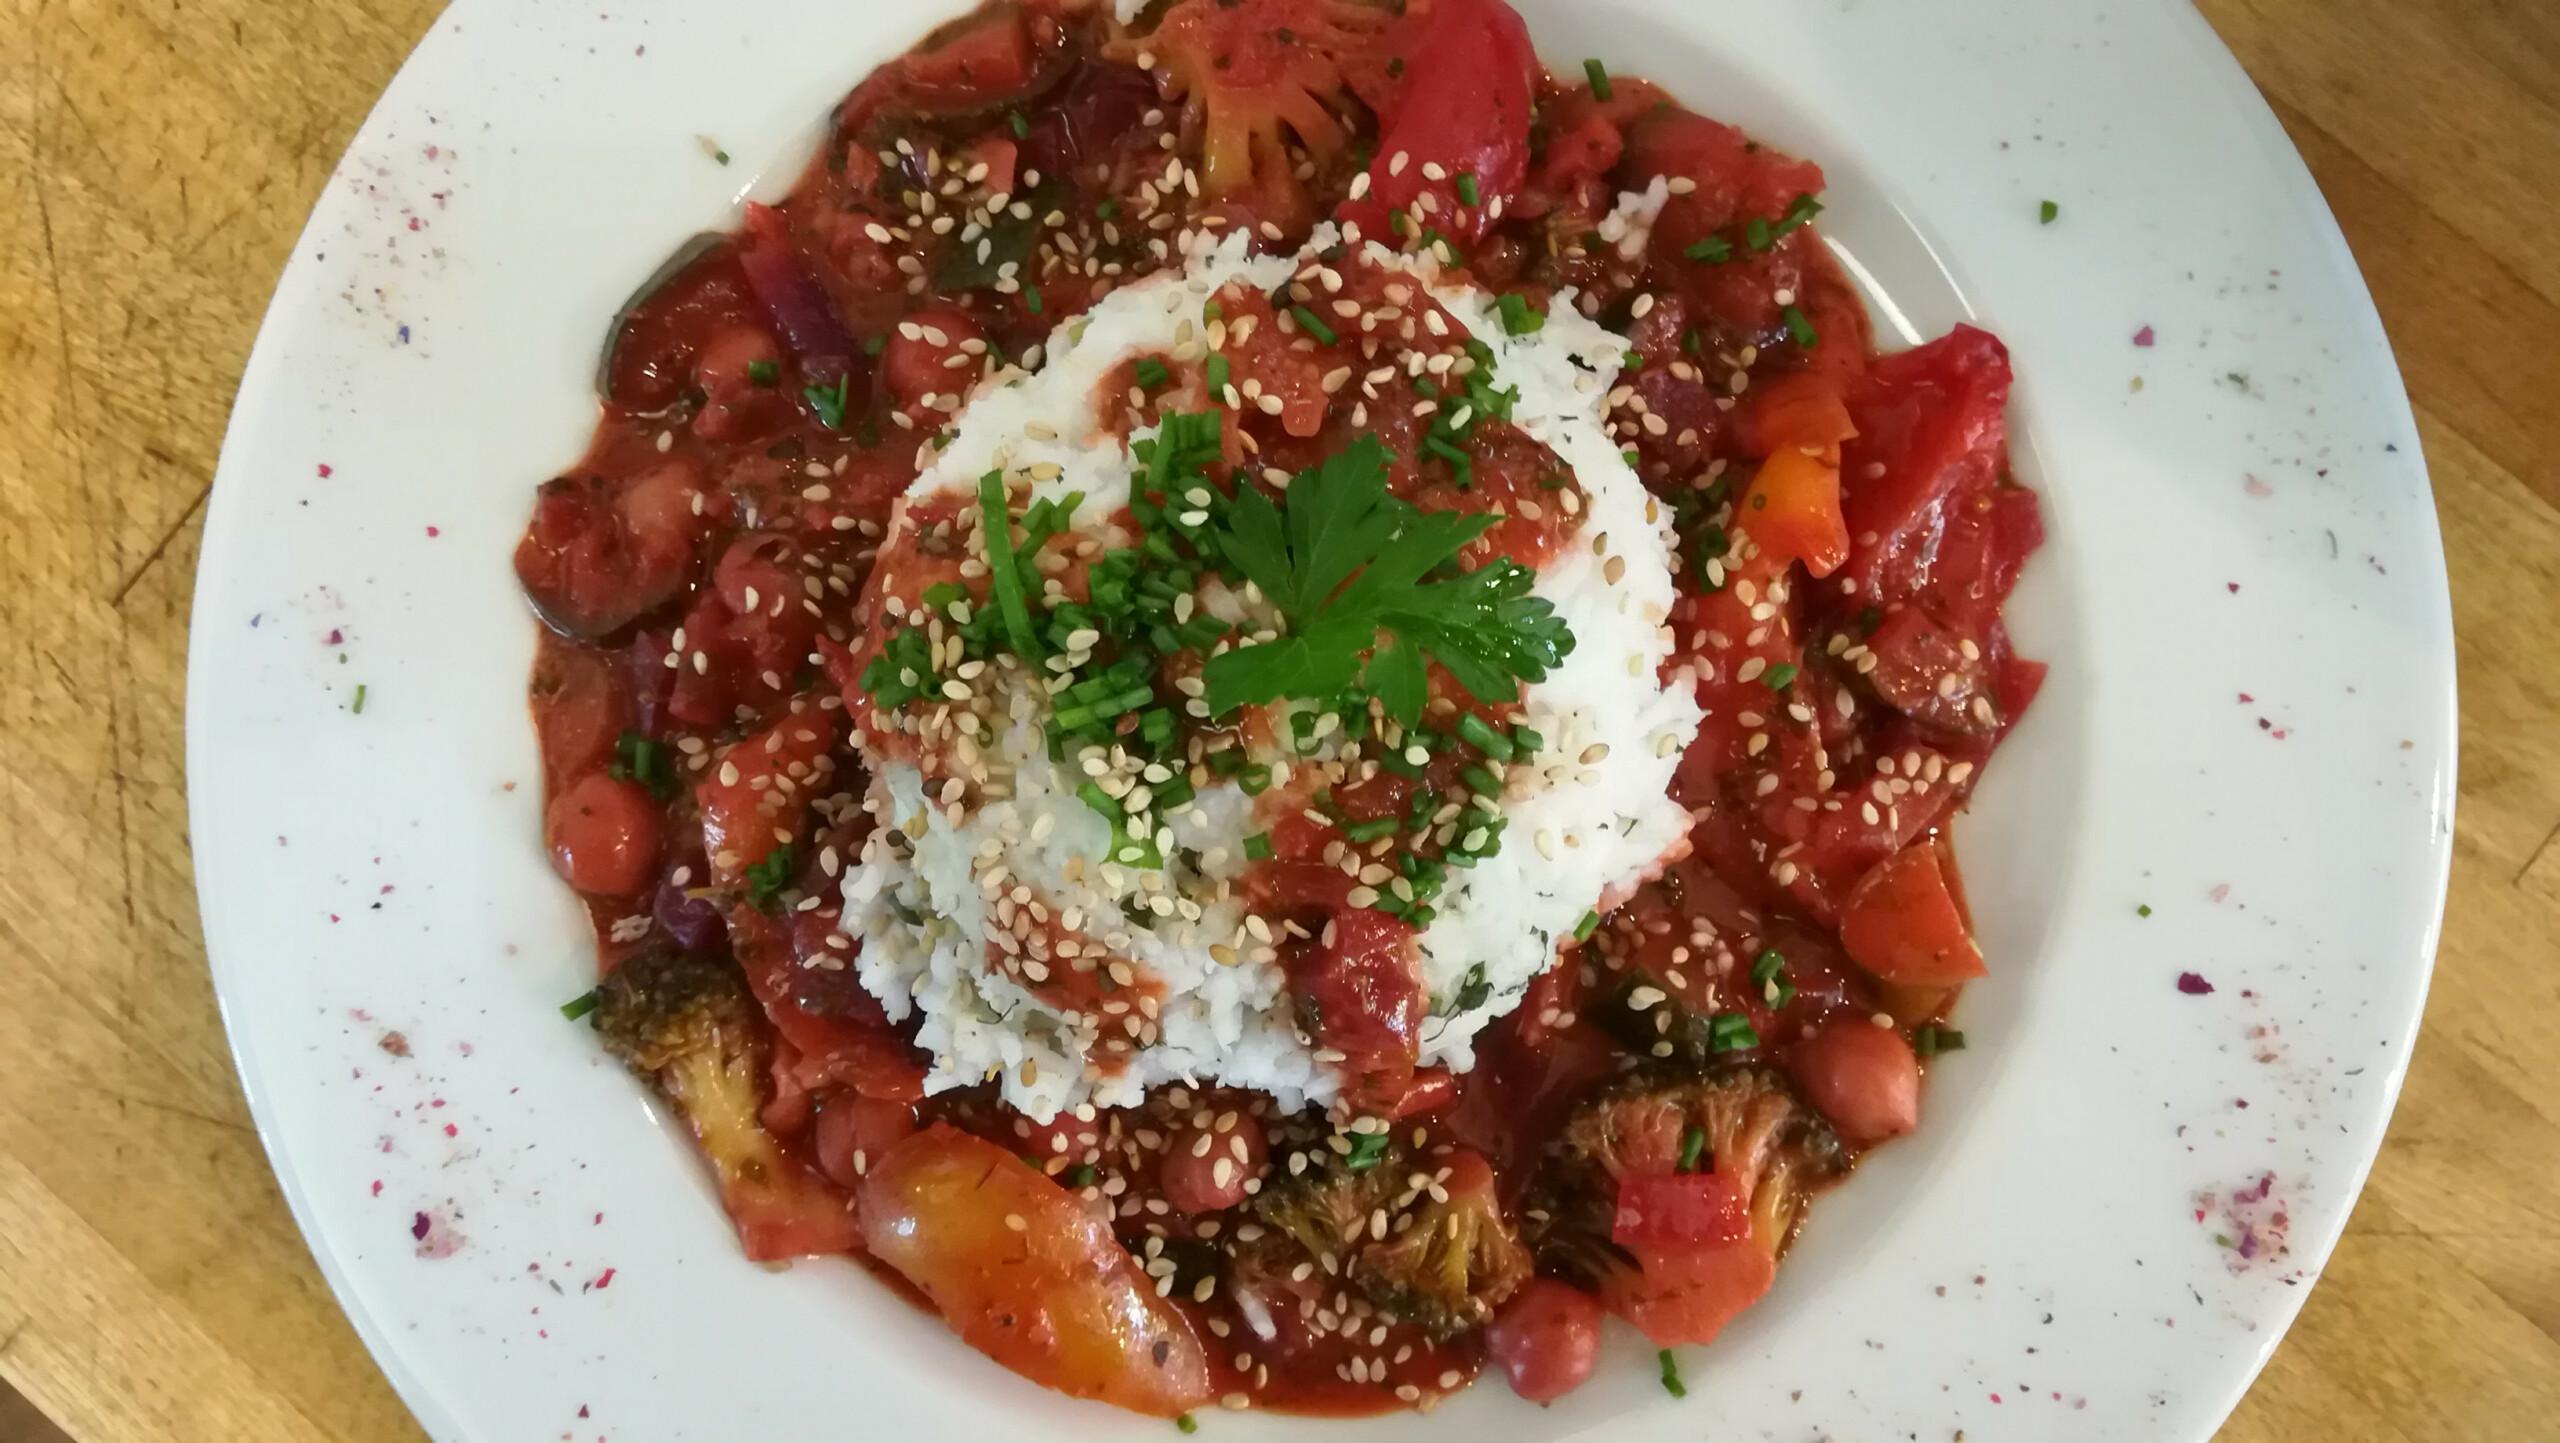 Rotes Curry - Mittagstisch Mittagessen Biodelikat Bad Tölz